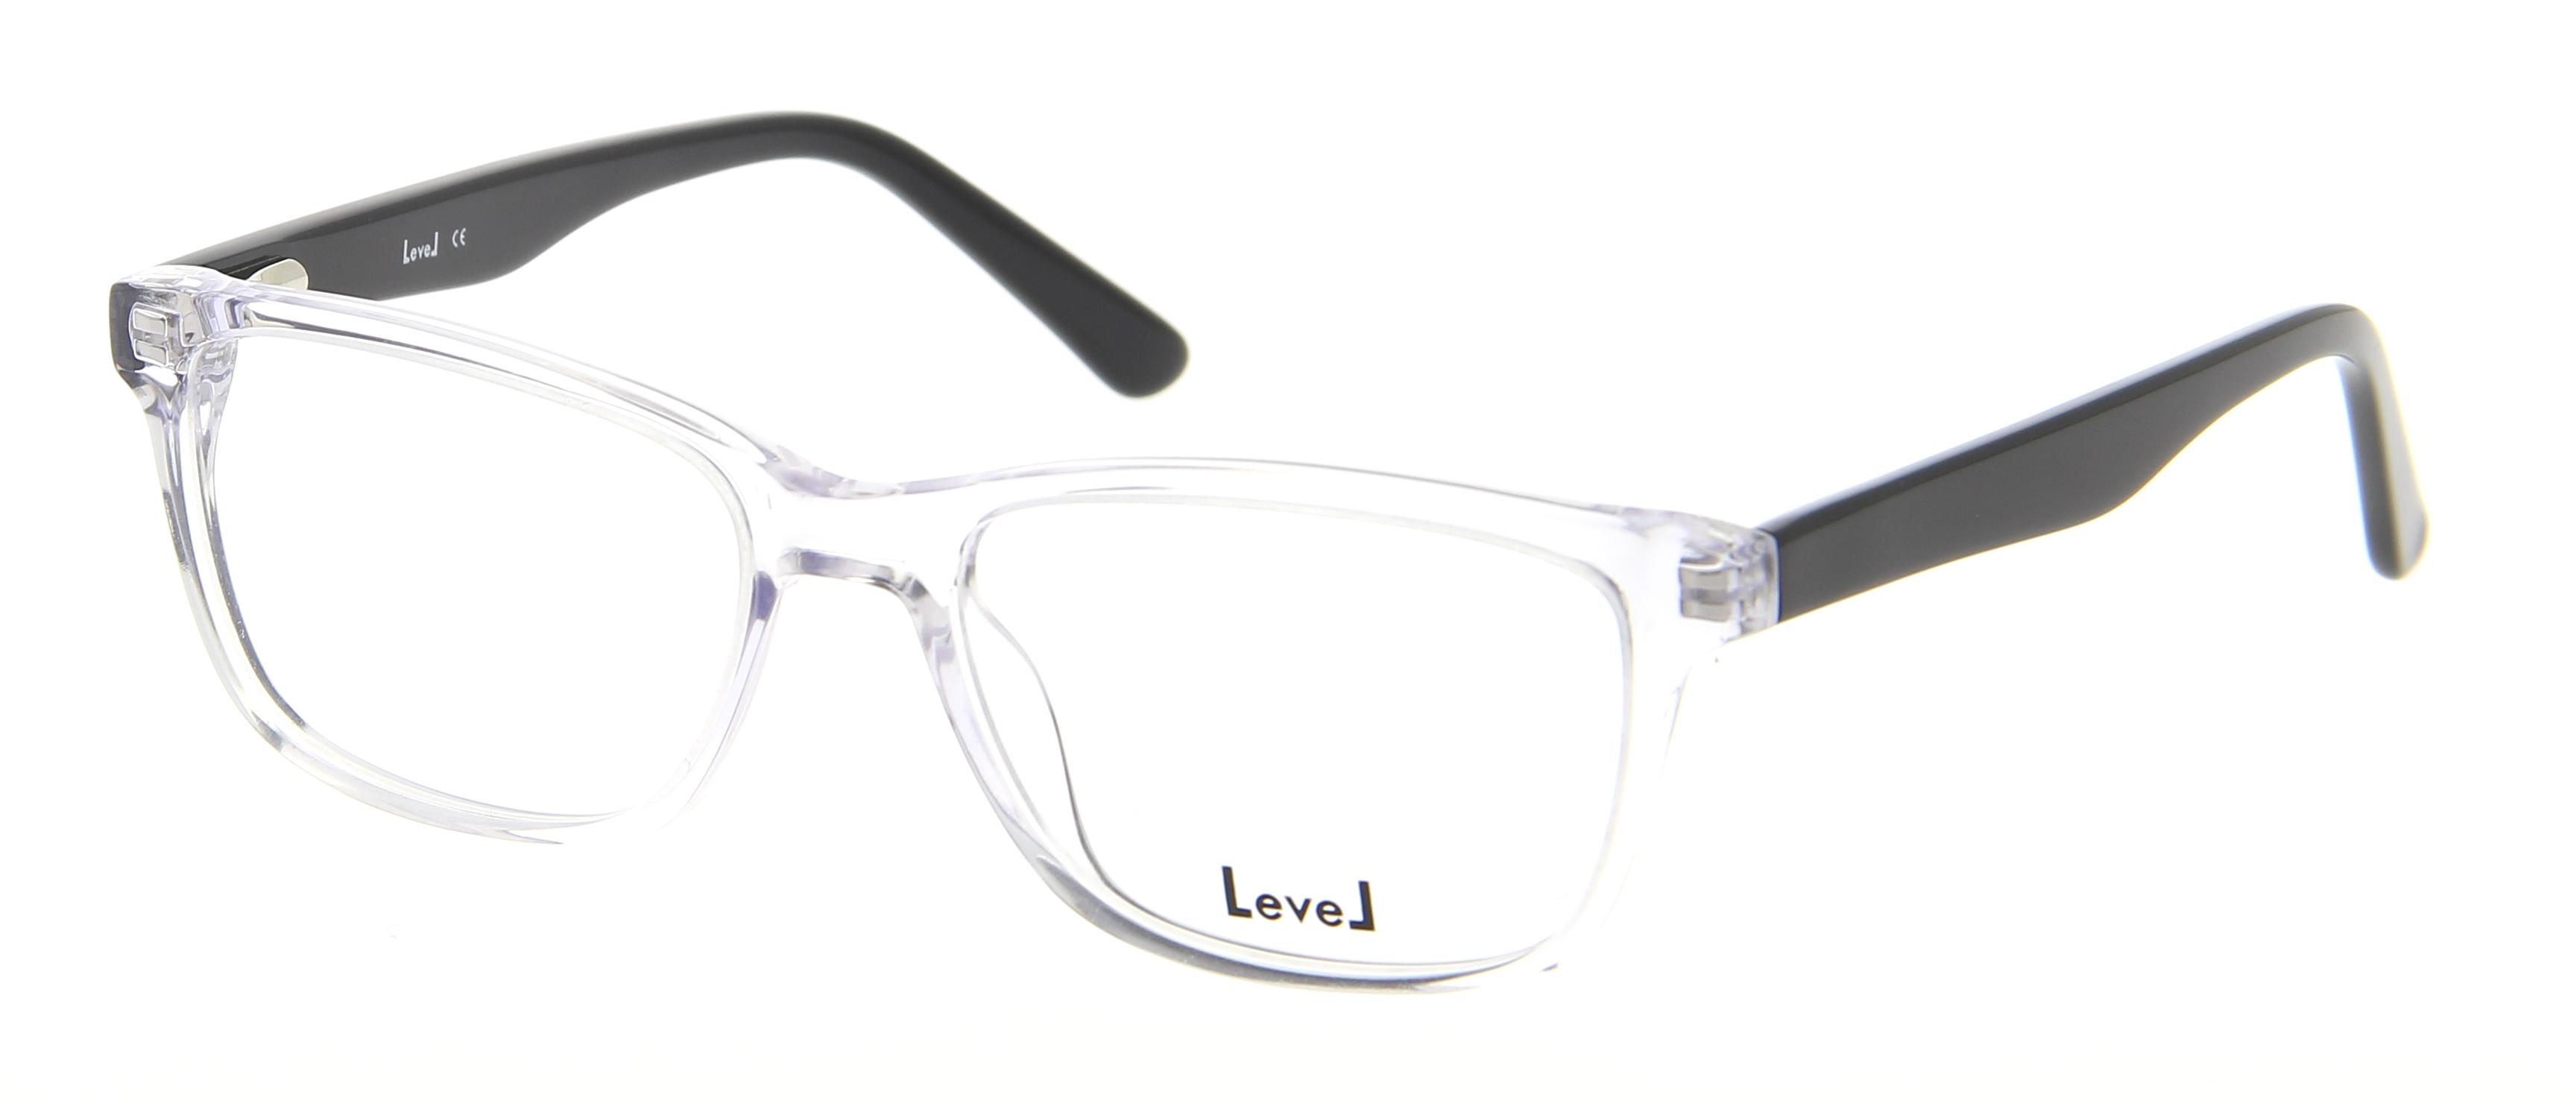 lunettes de vue level le 1511 cris 51 16 femme transparente ovale cercl e tendance 51mmx16mm 72. Black Bedroom Furniture Sets. Home Design Ideas